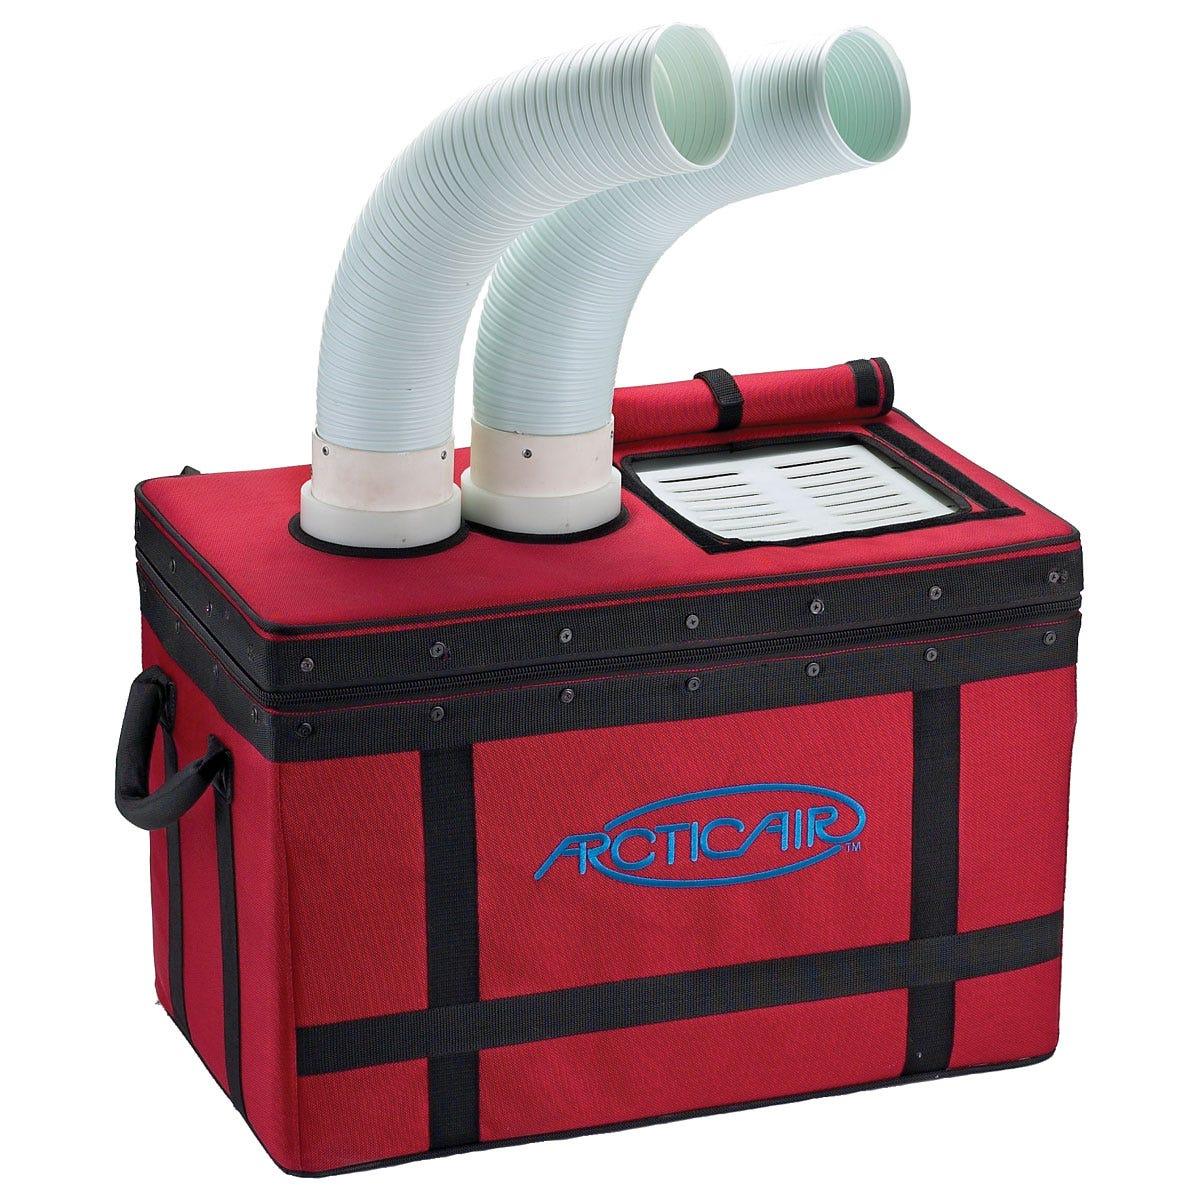 arctic air portable air conditioner 52 qt dual fan. Black Bedroom Furniture Sets. Home Design Ideas